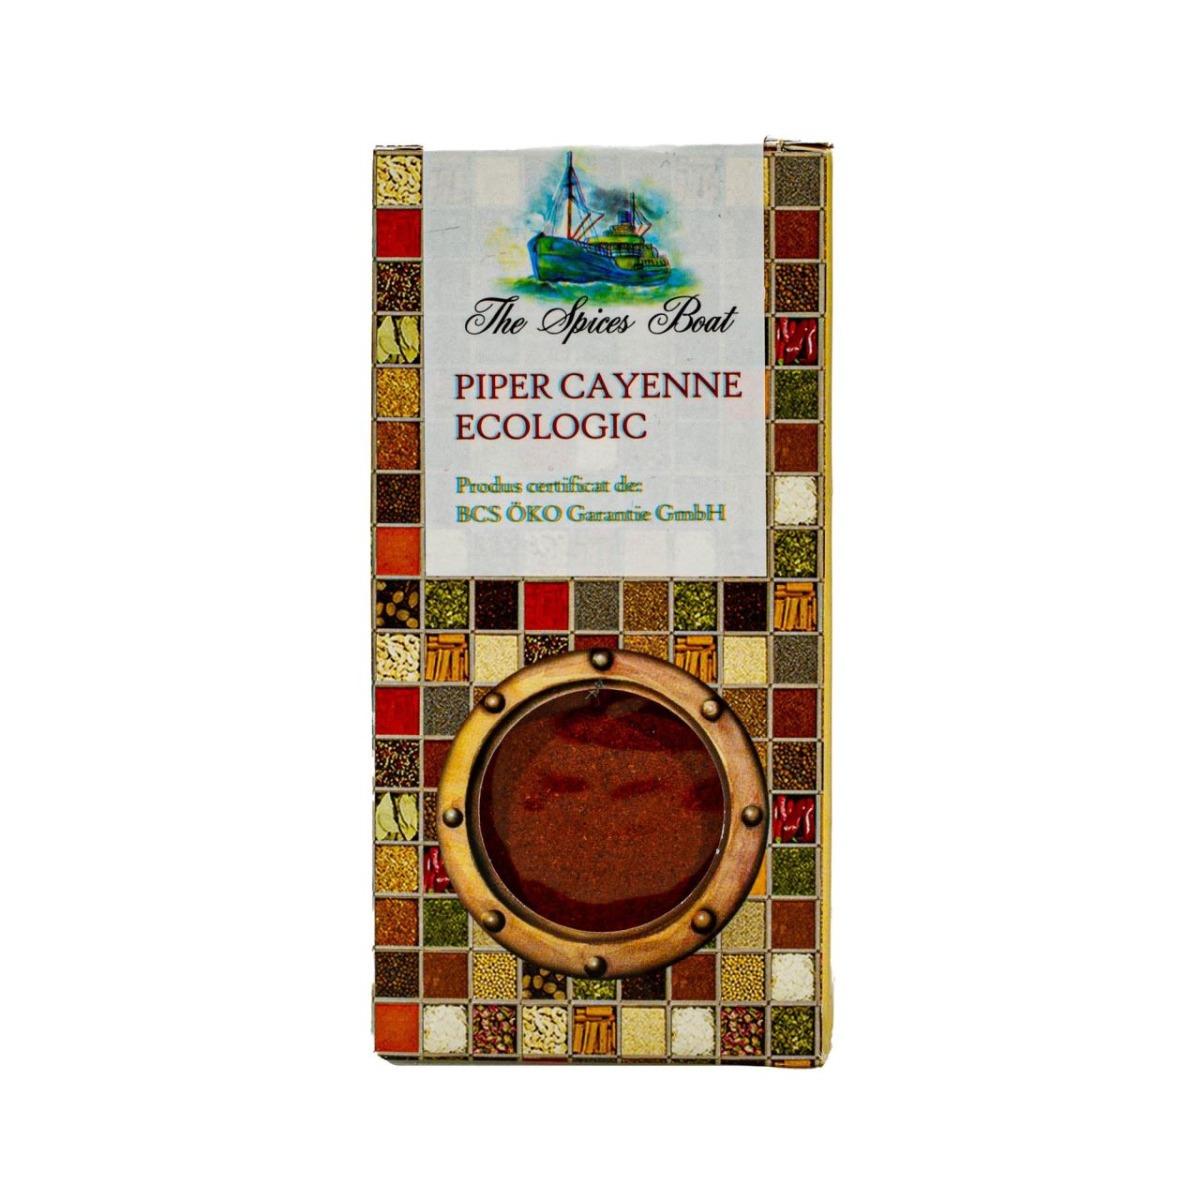 Piper Cayenne Eco, 40g, Solaris drmax poza